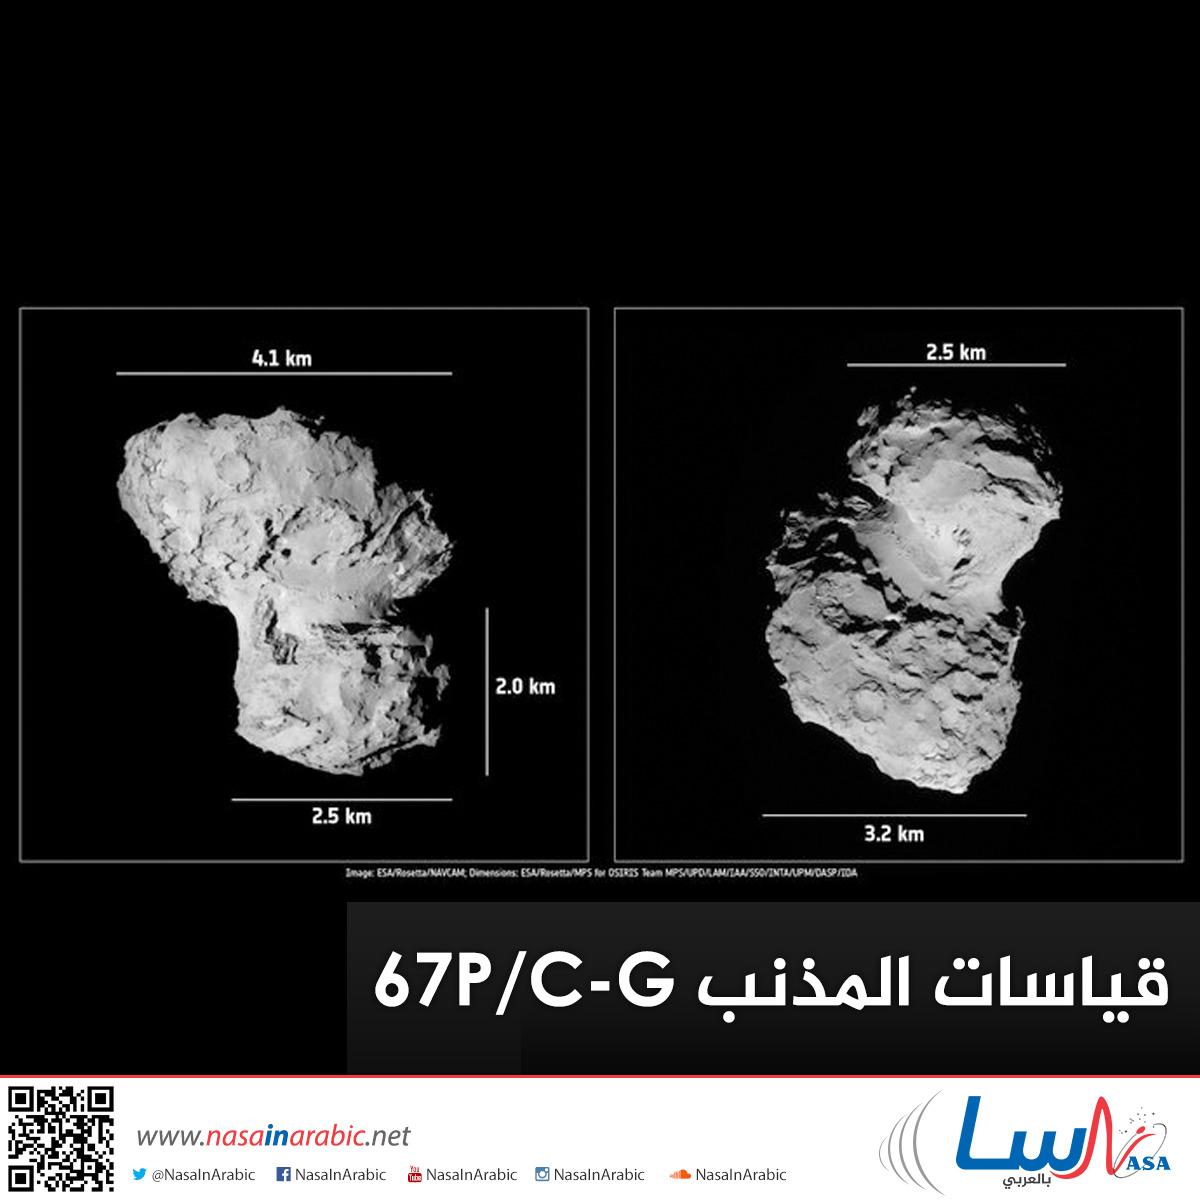 قياسات المذنب 67P/C-G